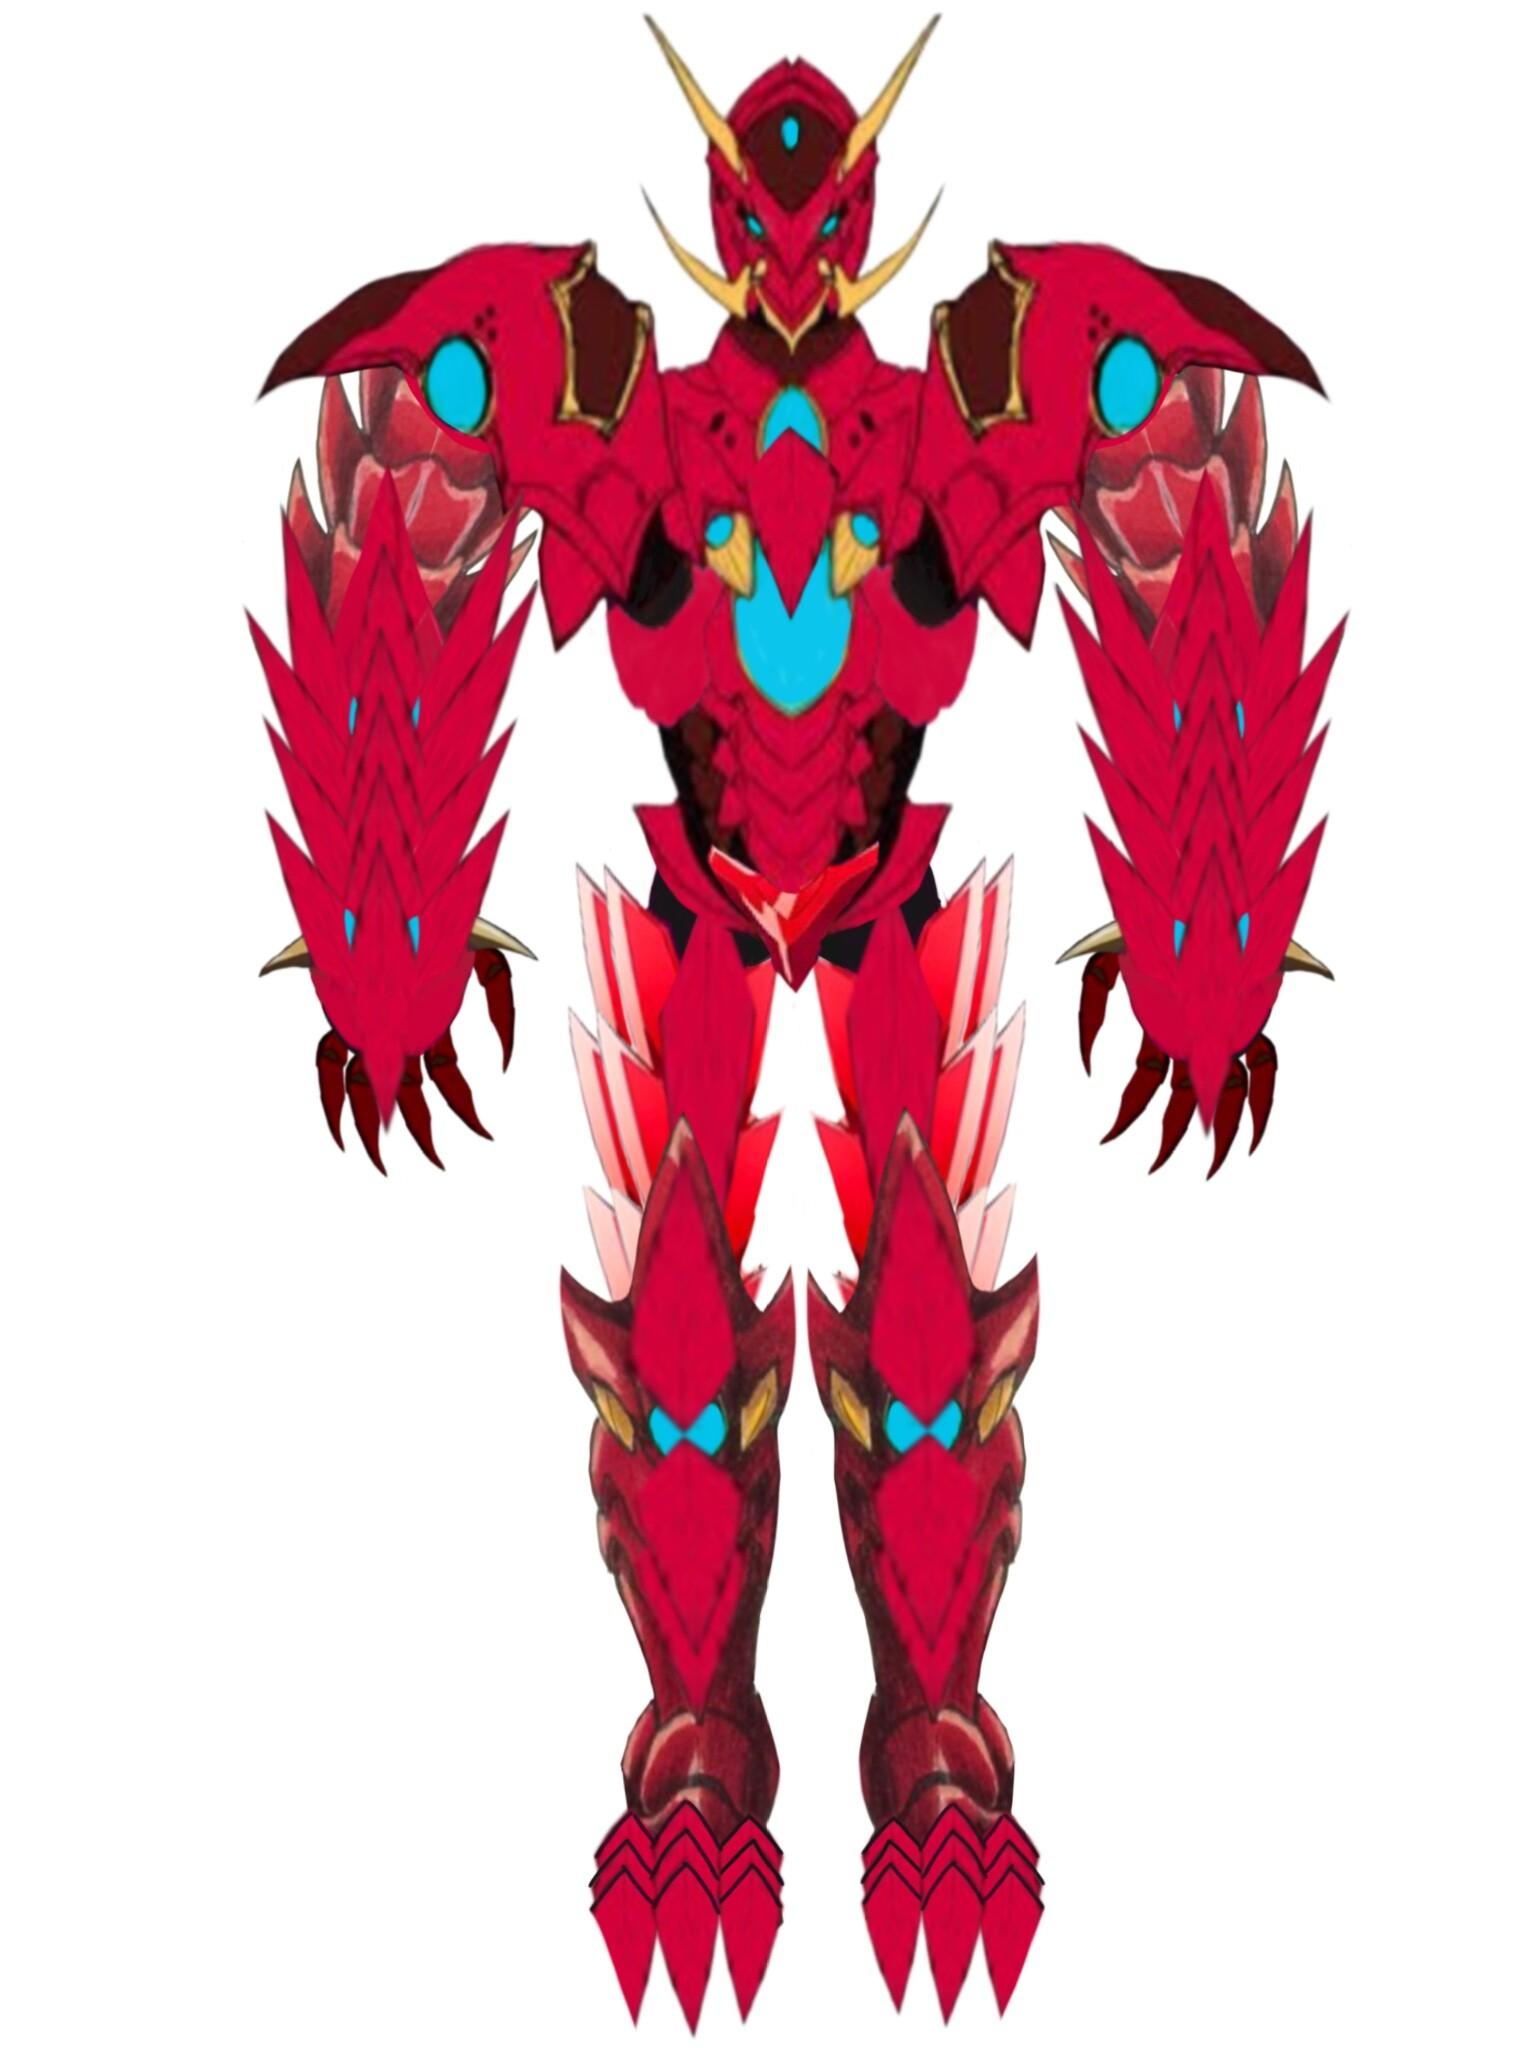 картинки императора красного дракона надземное строение